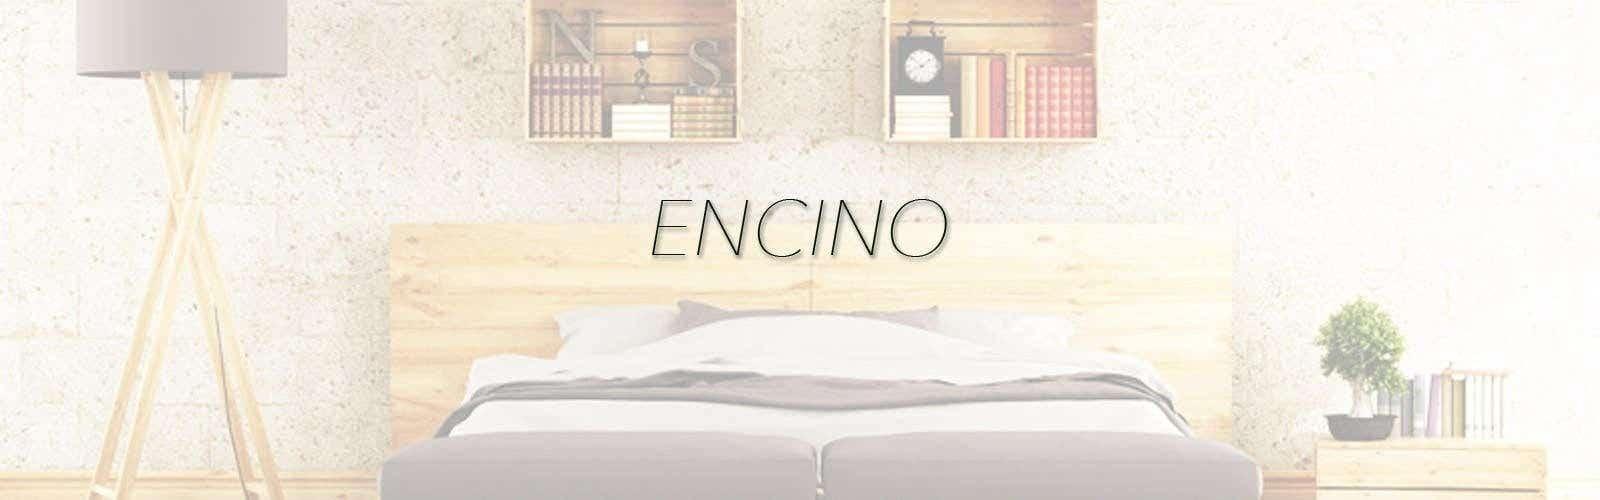 The futon shop Encino